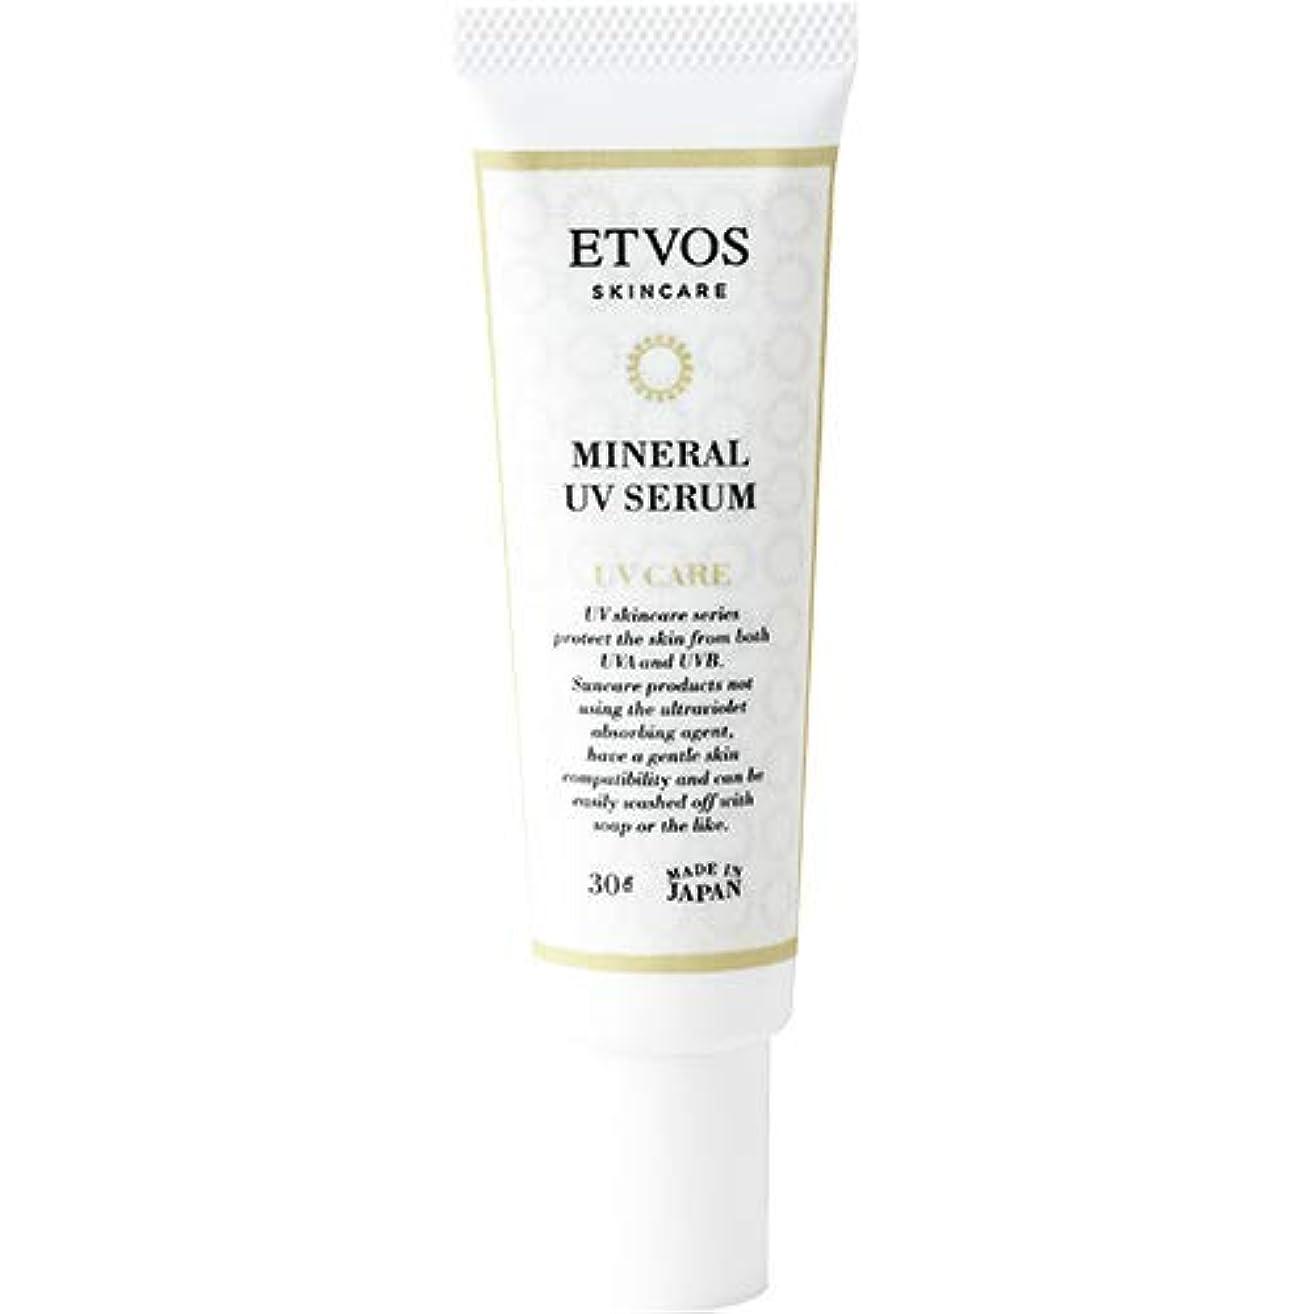 トラック観光学ぶETVOS(エトヴォス) 日焼け止め美容液 ミネラルUVセラム SPF35/PA+++ 30g 化粧下地 紫外線吸収剤不使用